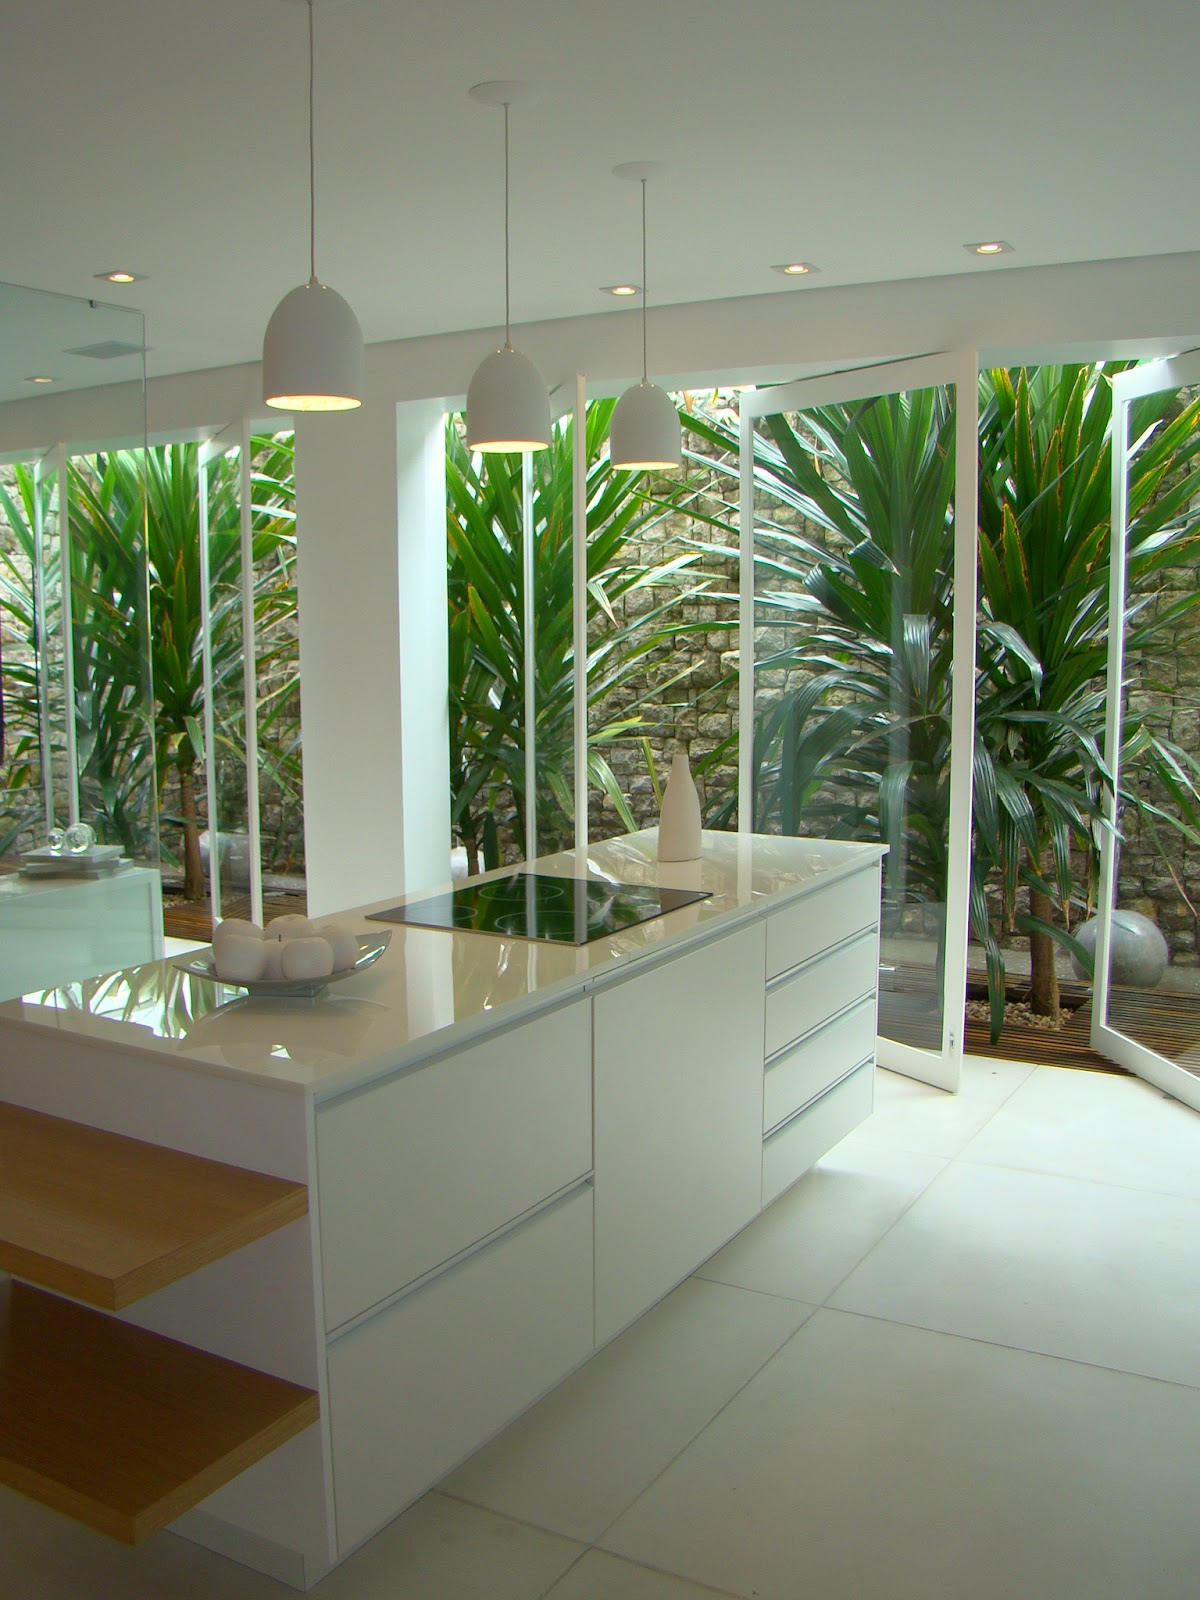 escada e jardim de inverno:Jardins de Inverno #40662A 1200 1600